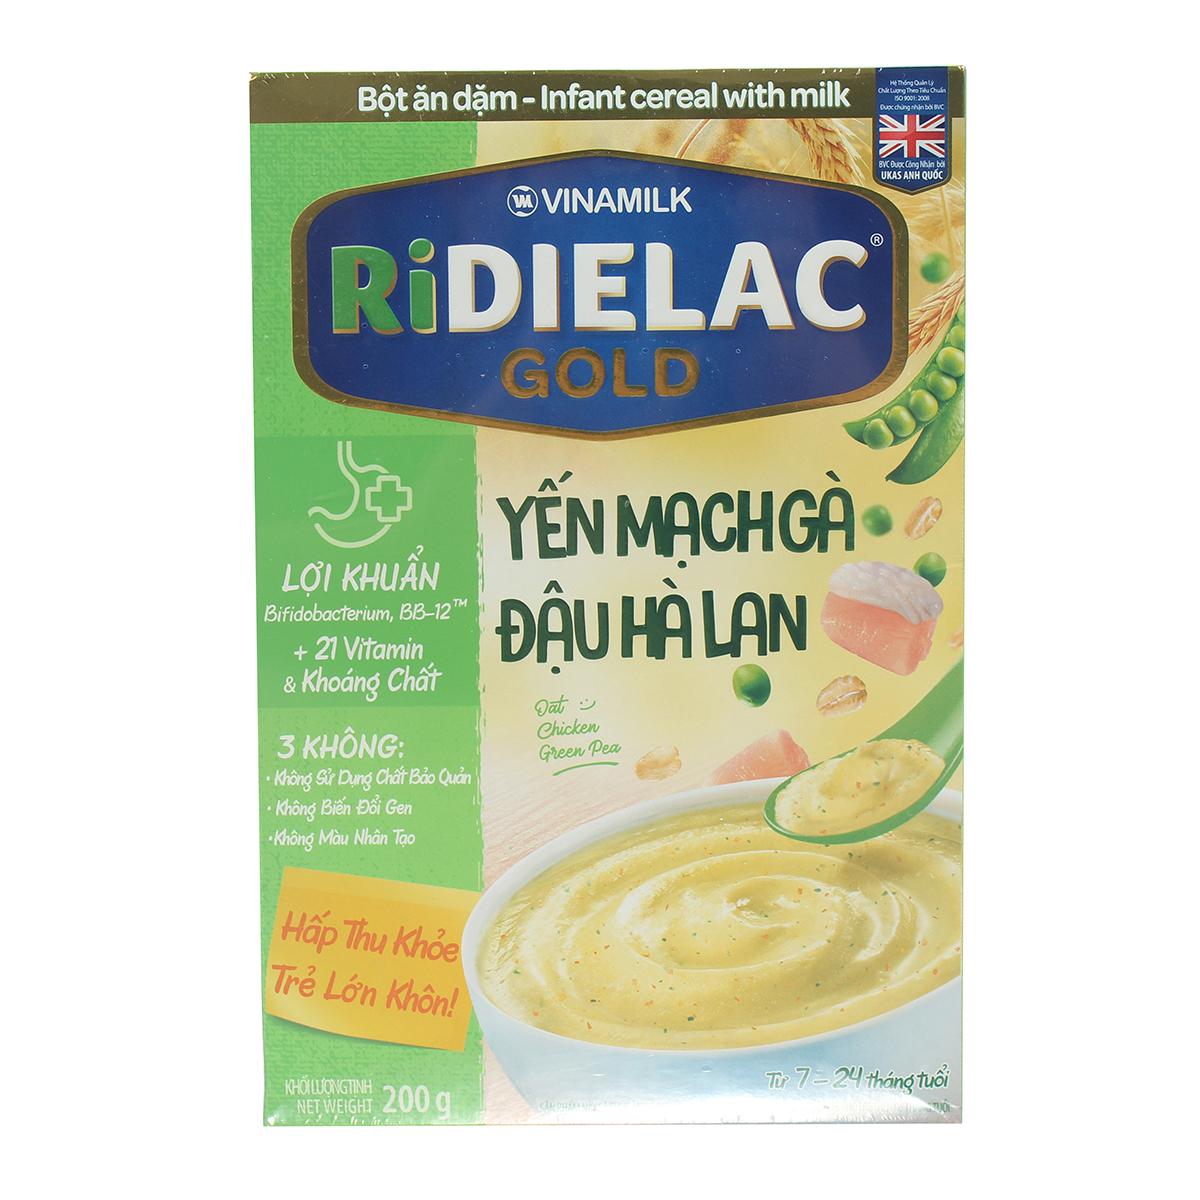 Bột ăn dặm Ridielac yến mạch gà đậu Hà Lan 200g